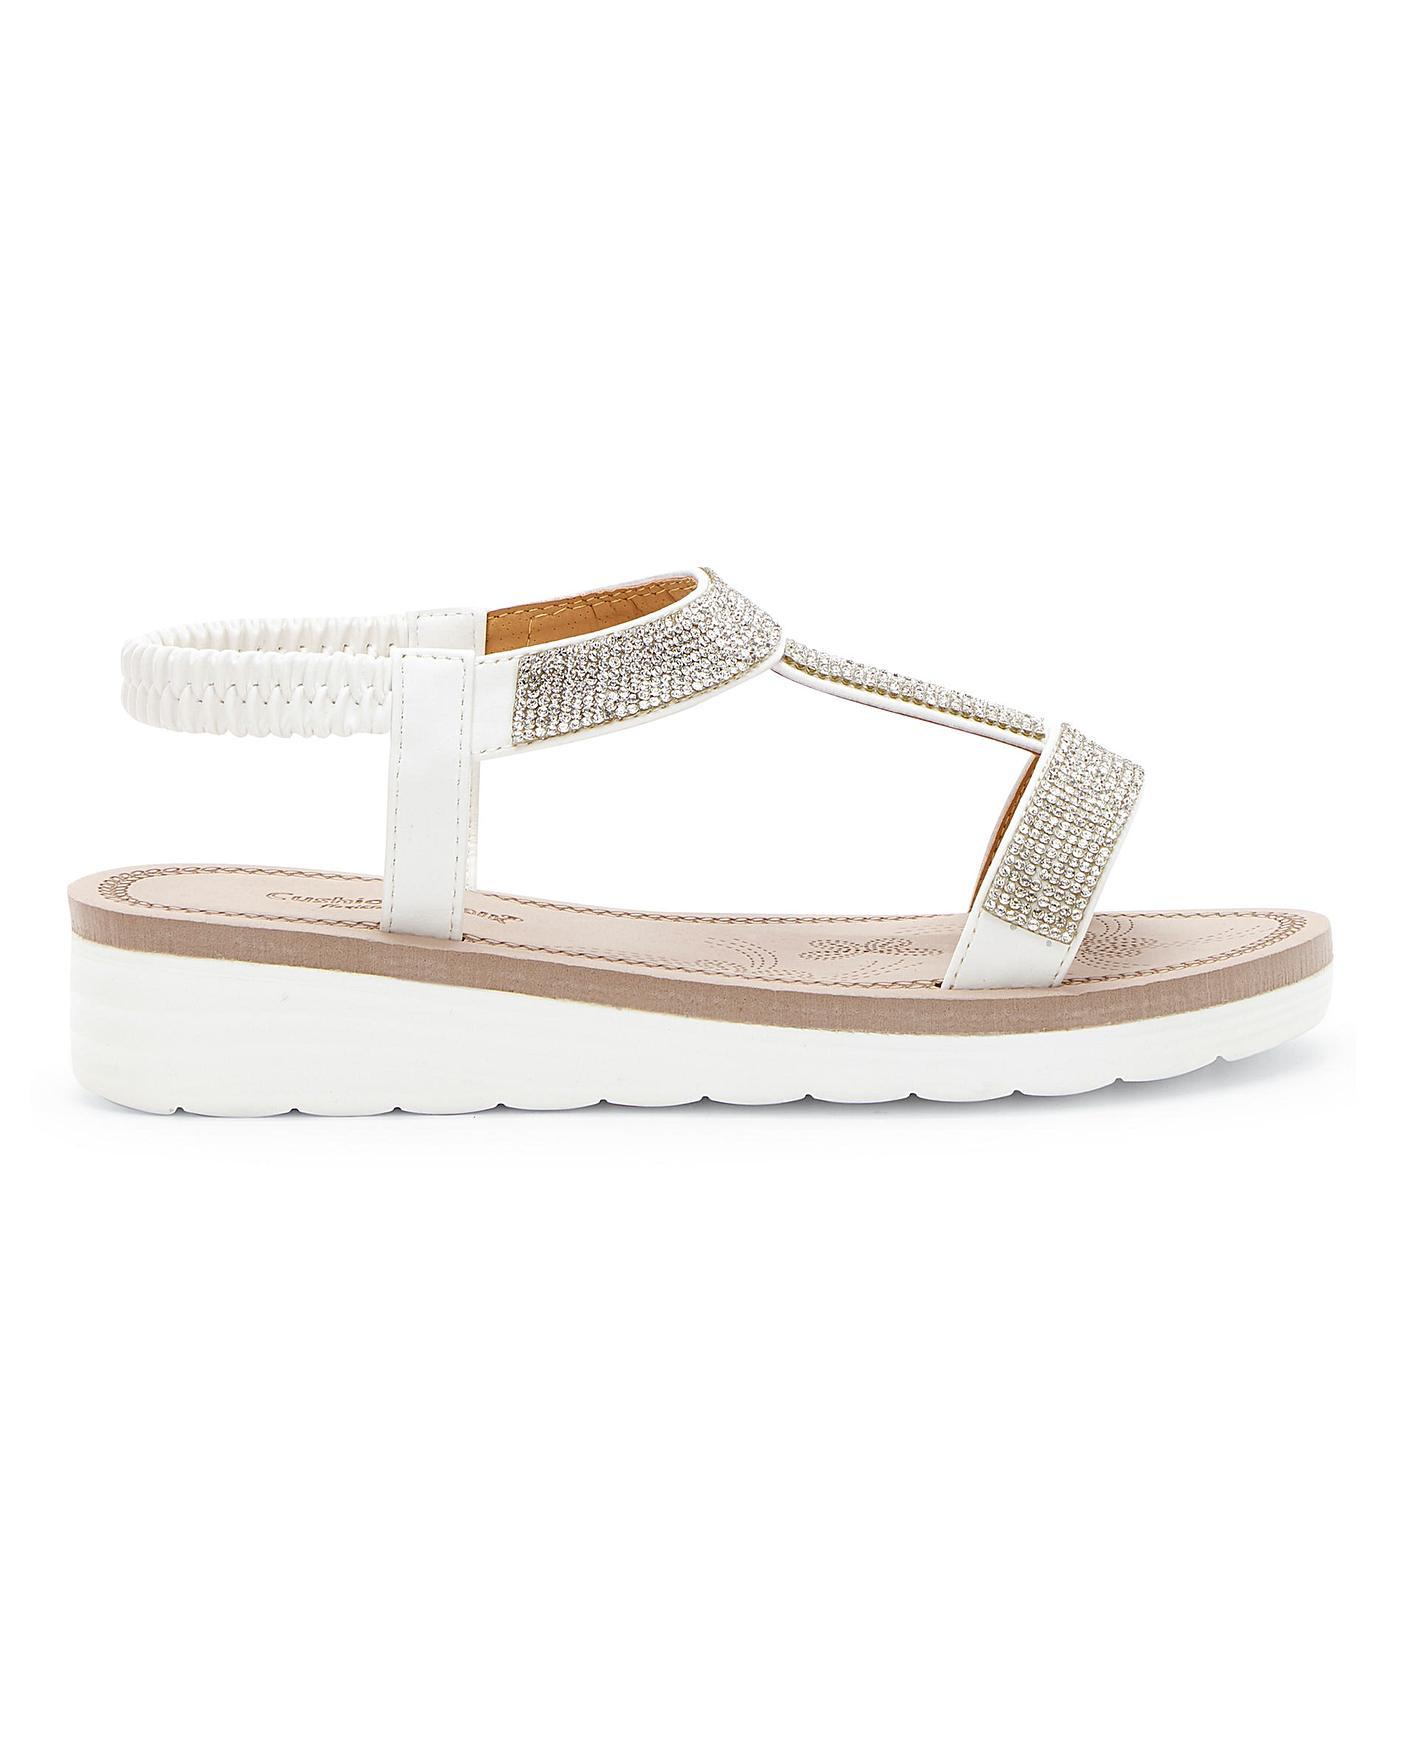 Cushion Walk Diamante Sandals E Fit   J